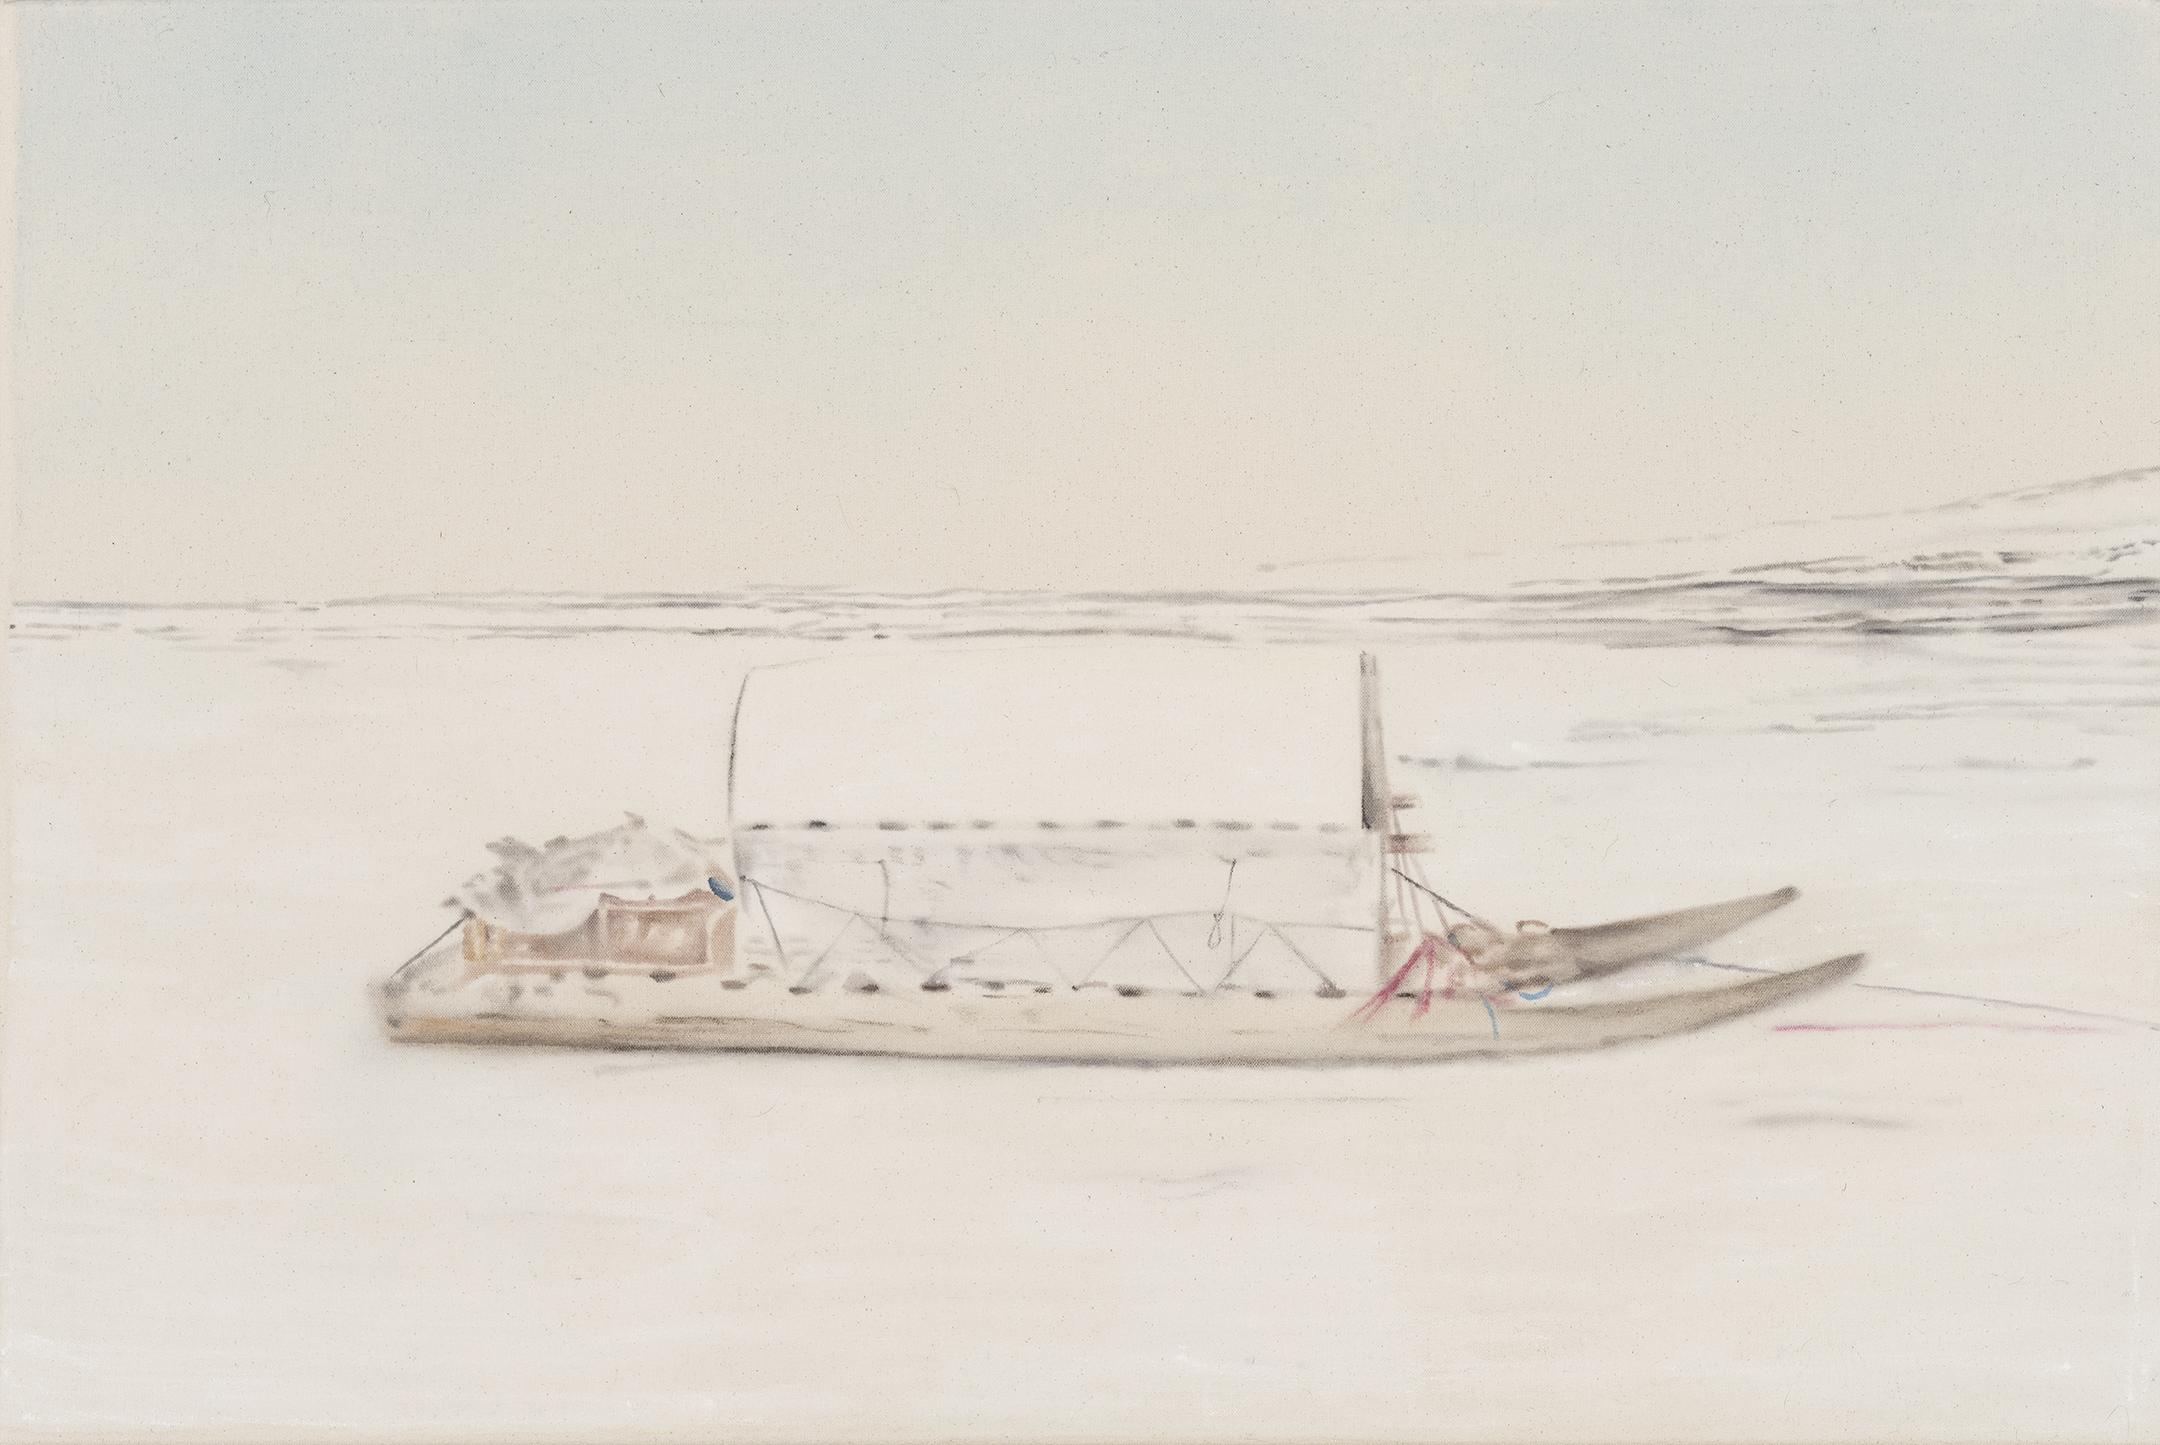 Paysage nordique 17 , 2016. Huile et fusain sur toile, 24 x 36 pouces